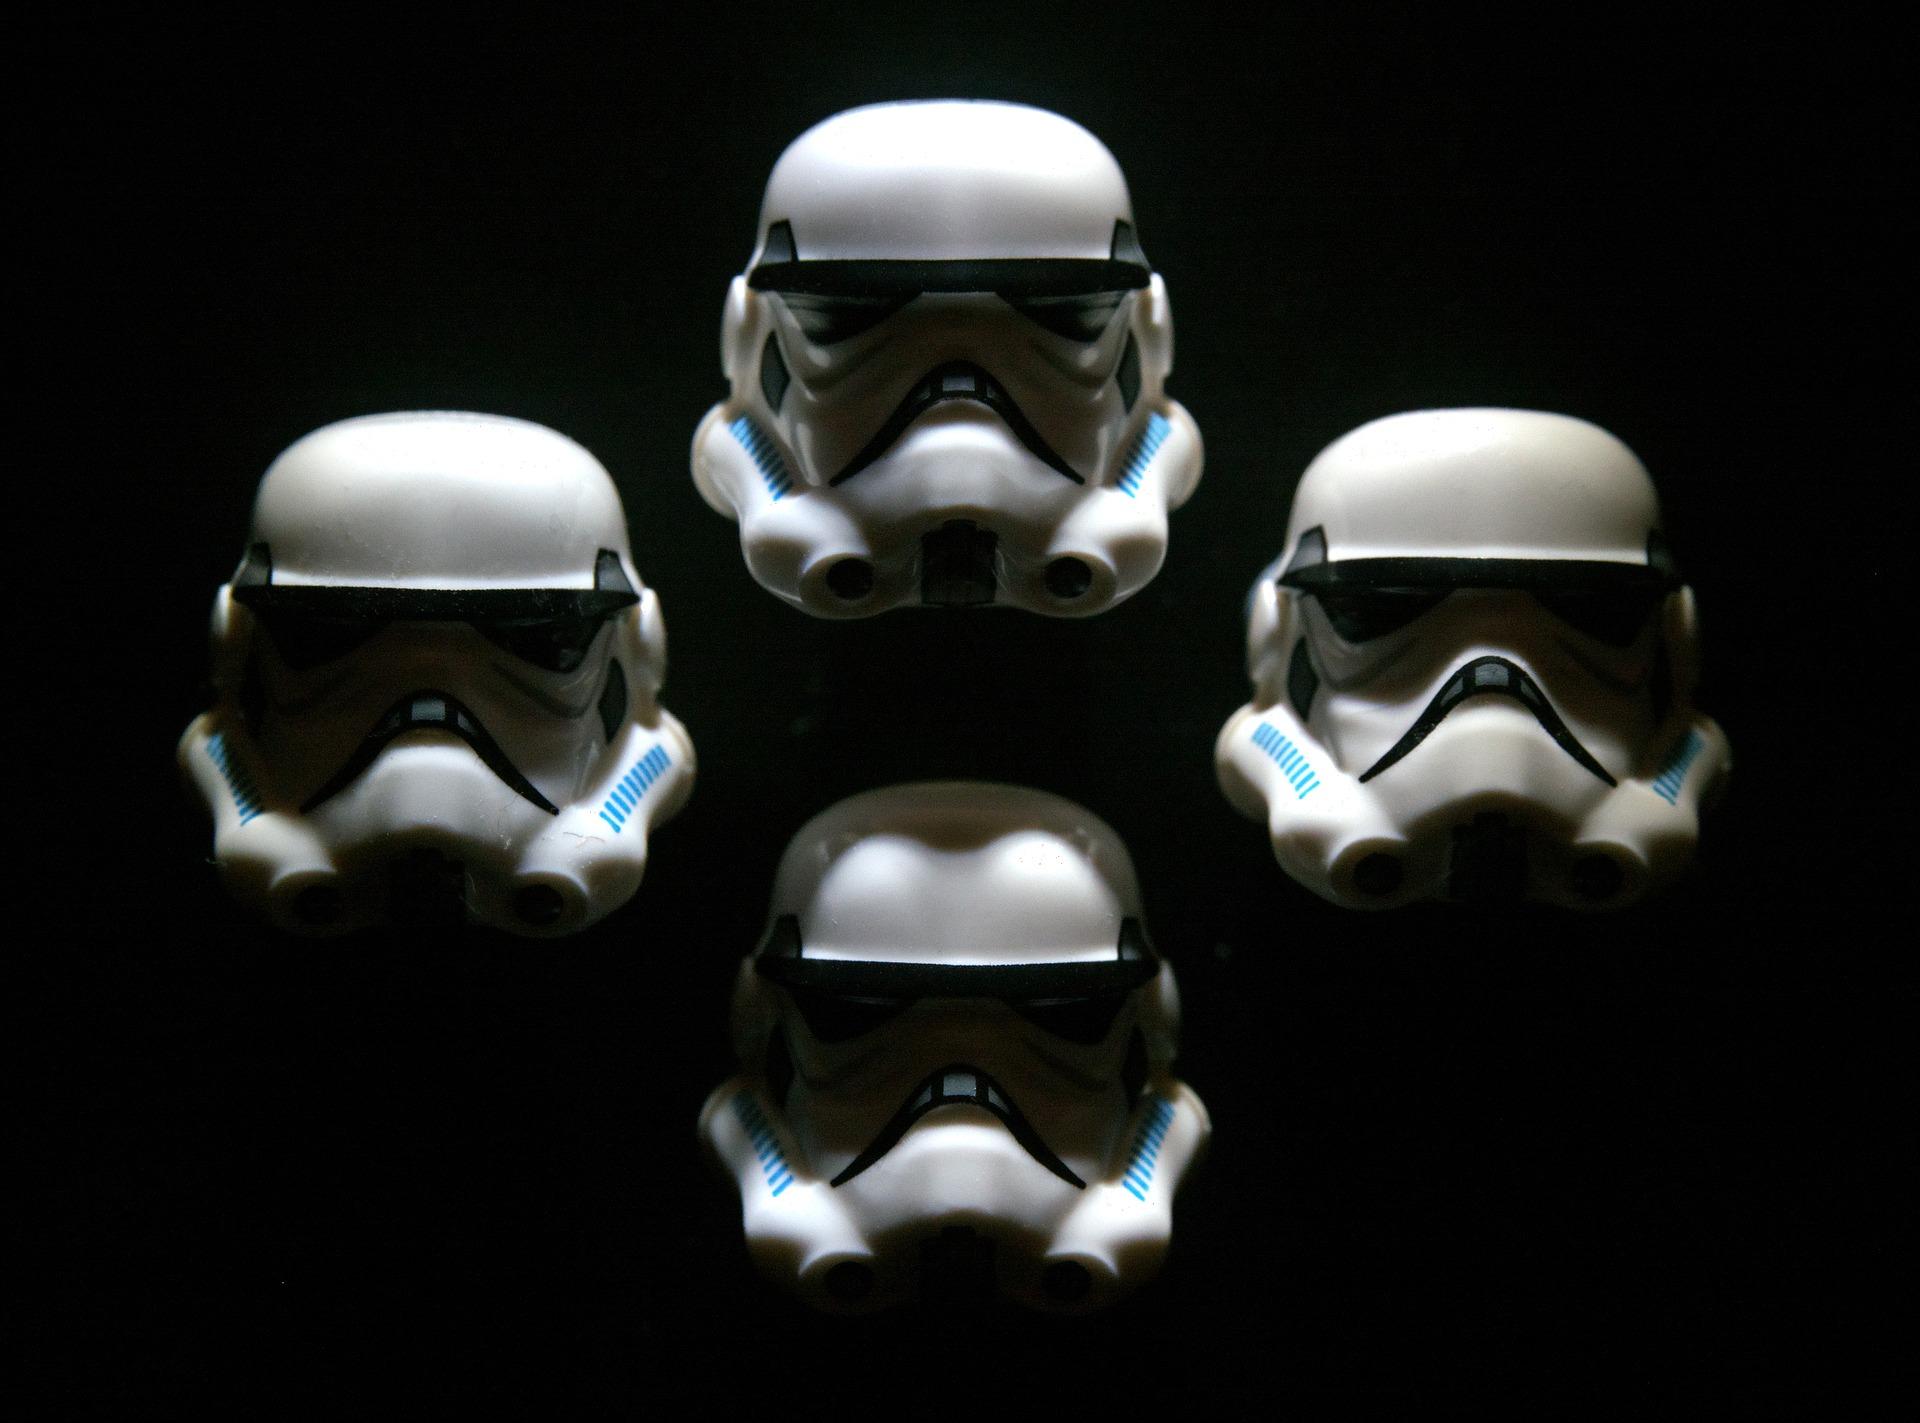 stormtrooper-1433772_1920